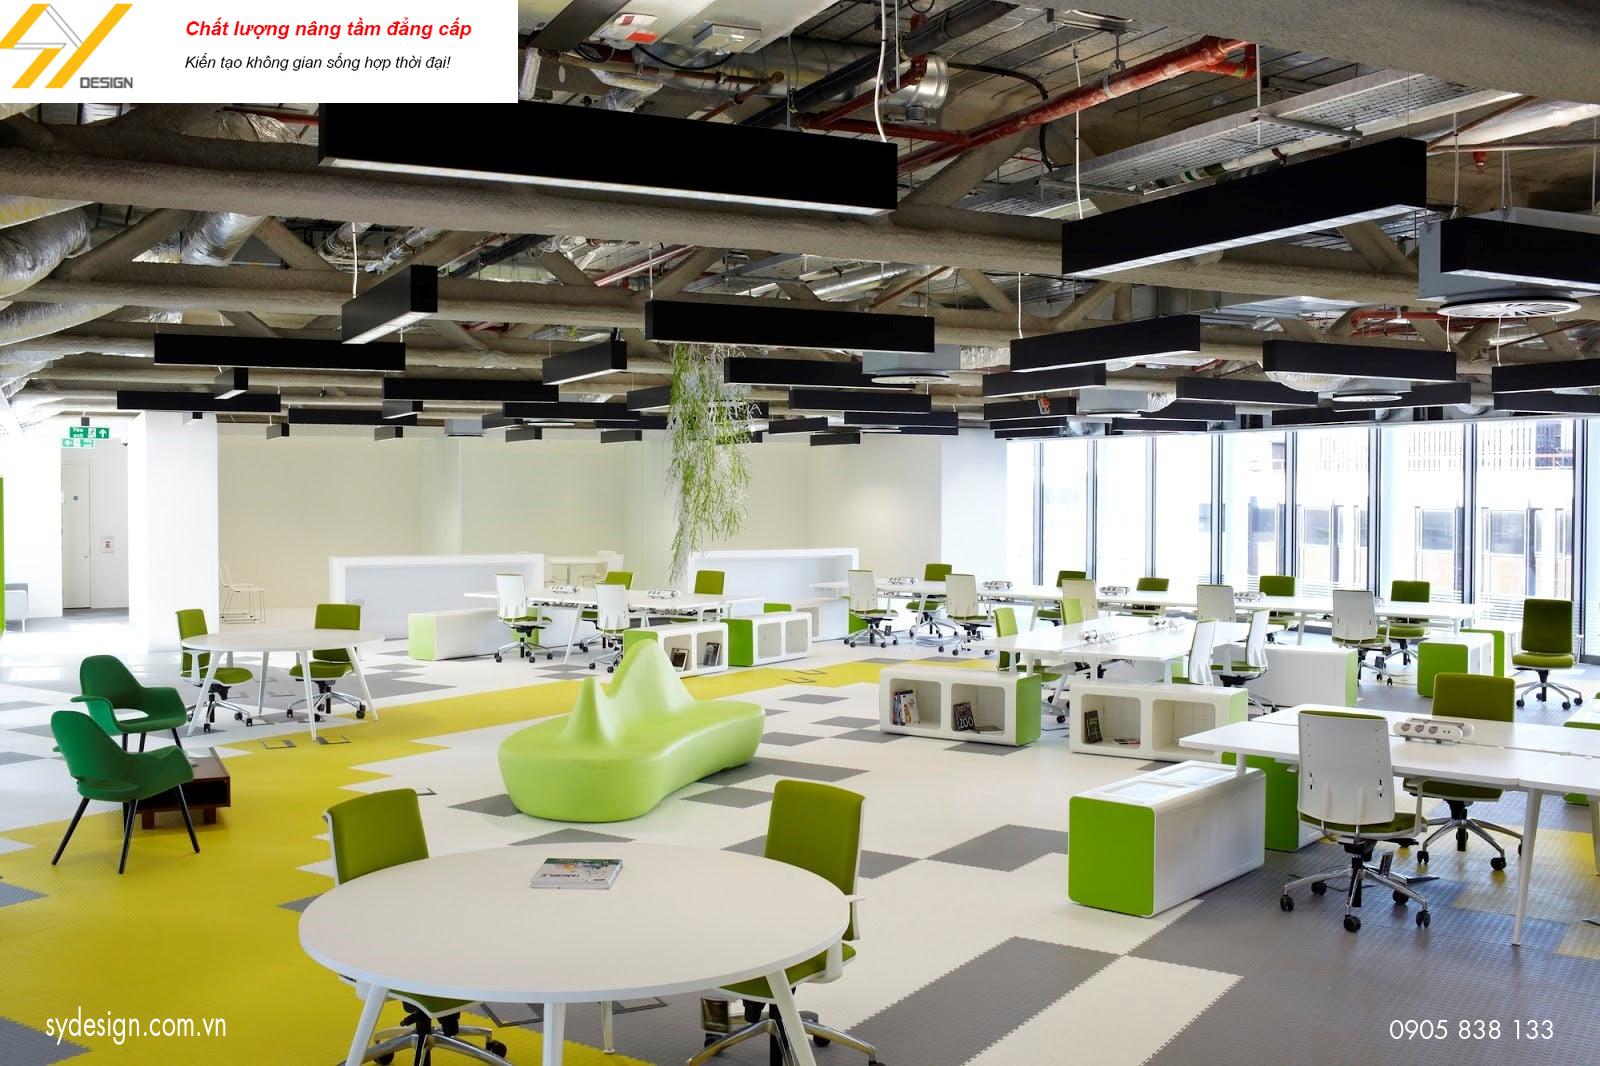 Phong cách thiết kế nội thất văn phòng tiện dụng